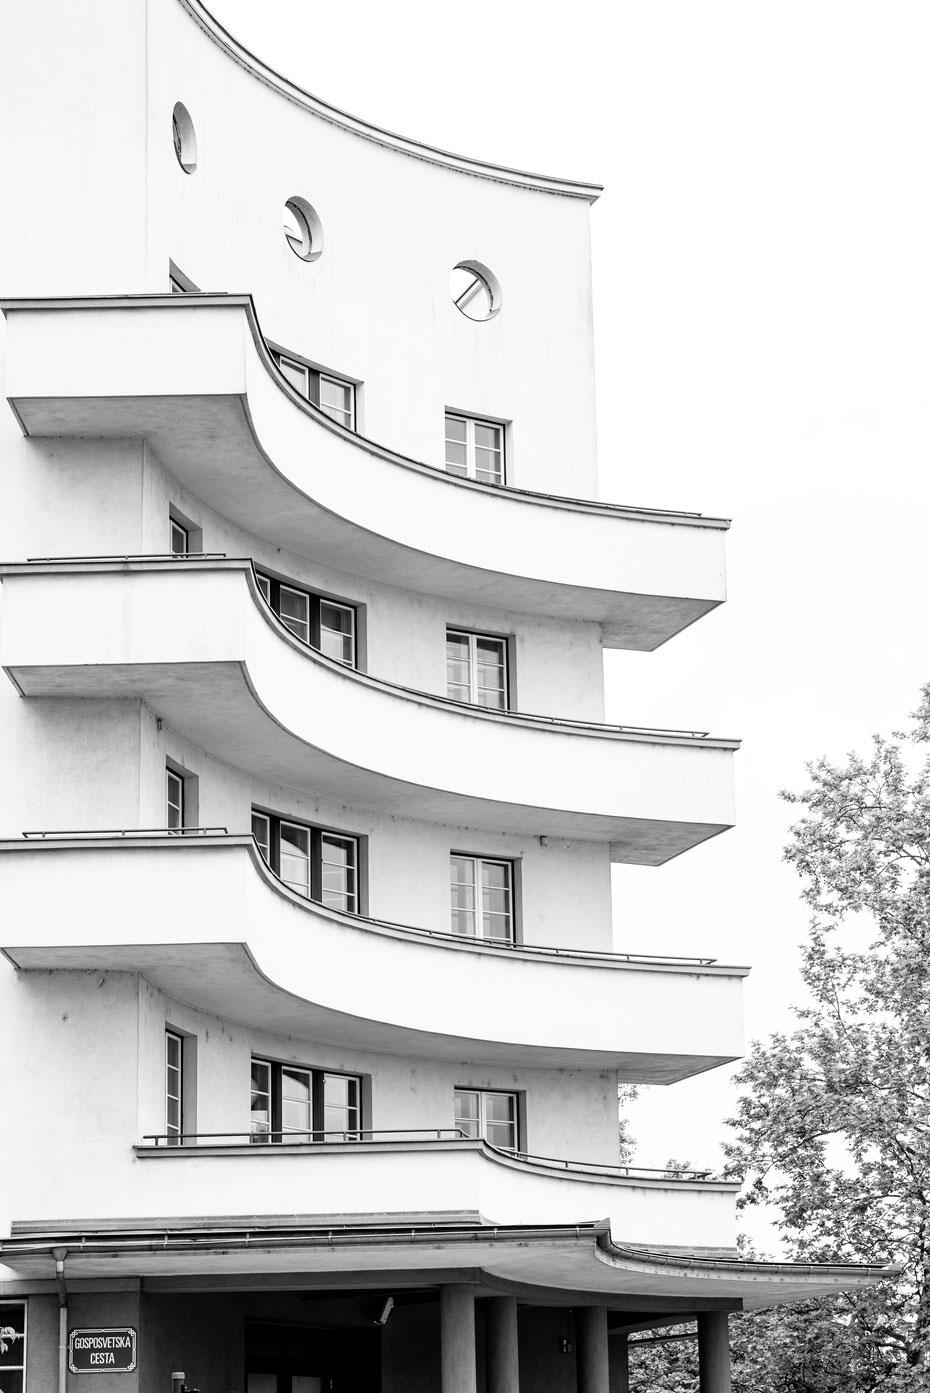 Architektur in Ljubljana - die slowenische Hauptstadt hat für jeden Geschmack etwas zu bieten. Von der mittelalterlichen Burg bis zum Bauhaus-inspirierten Tivoli Center.